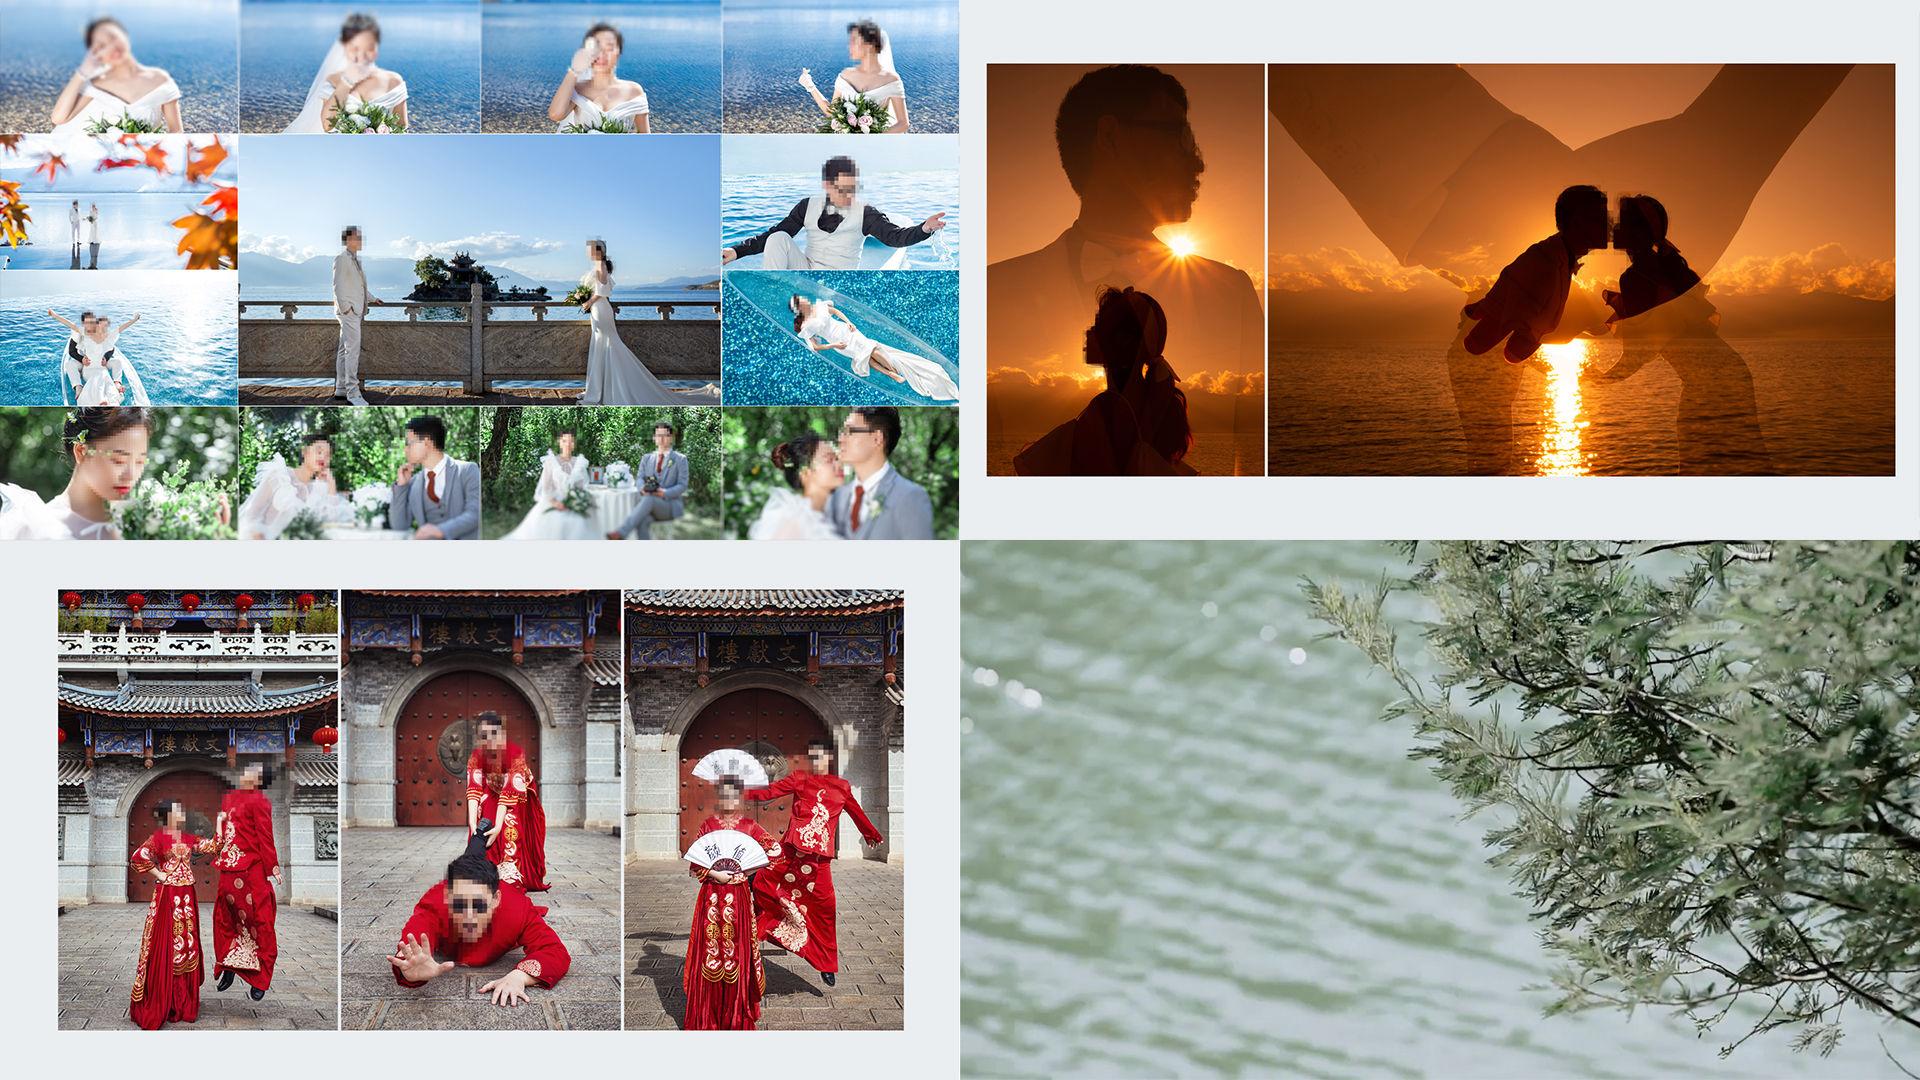 【就是爱你】韩式唯美婚纱照电子相册